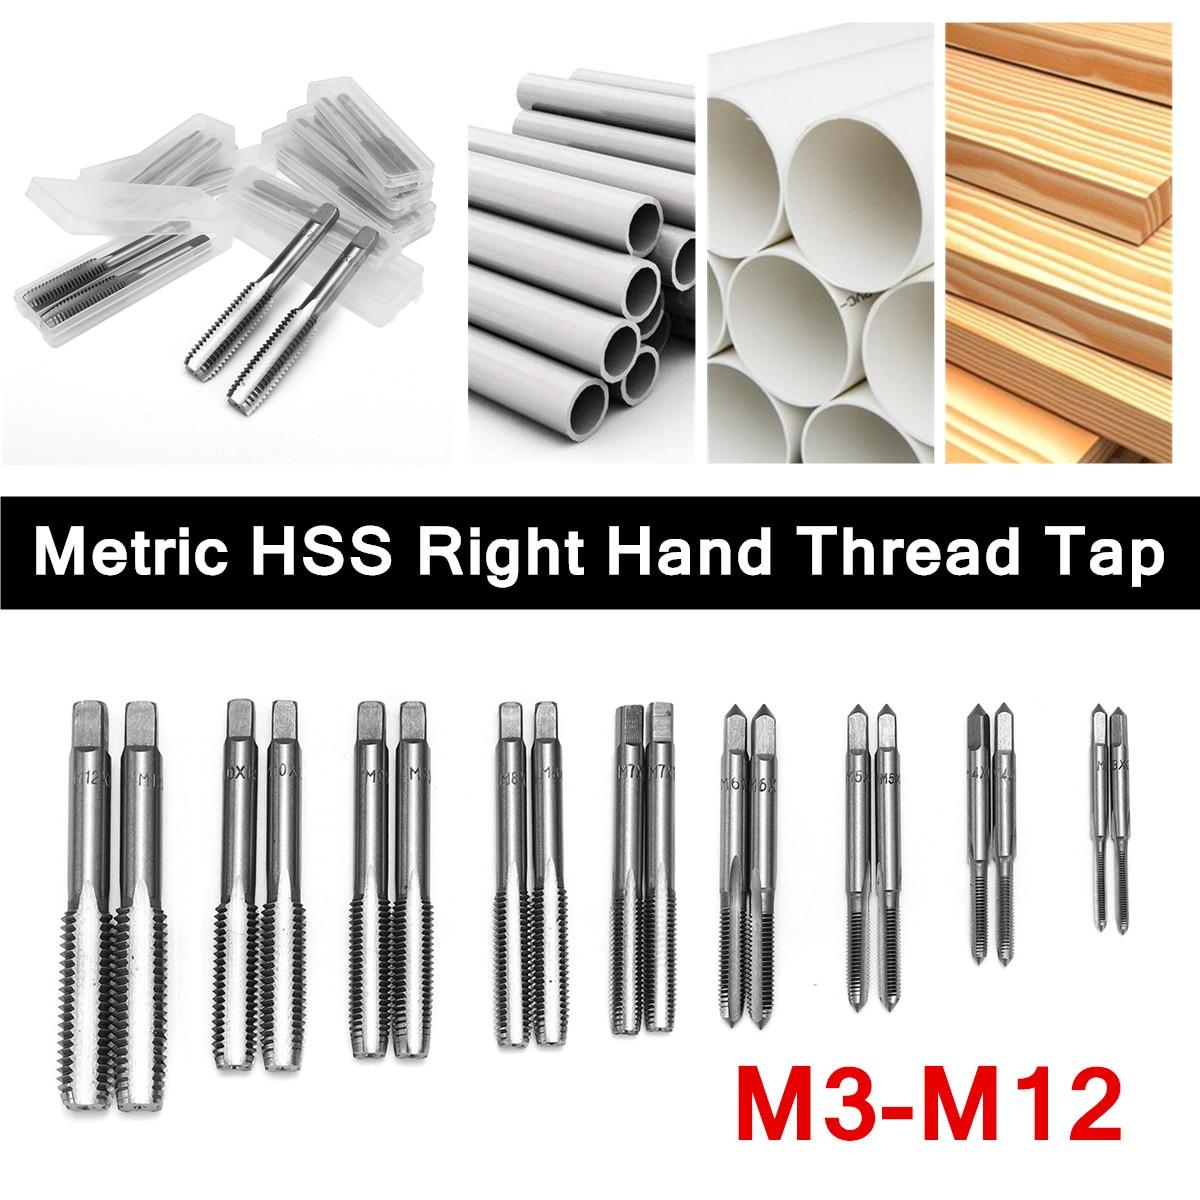 2Pcs Thread Taps Set Spiral Inch M3 M4 M5 M6 M7 M8 M9 M10 M12 Industrial Metric HSS Right Hand Drill Bits Plug Taps Drill Bits